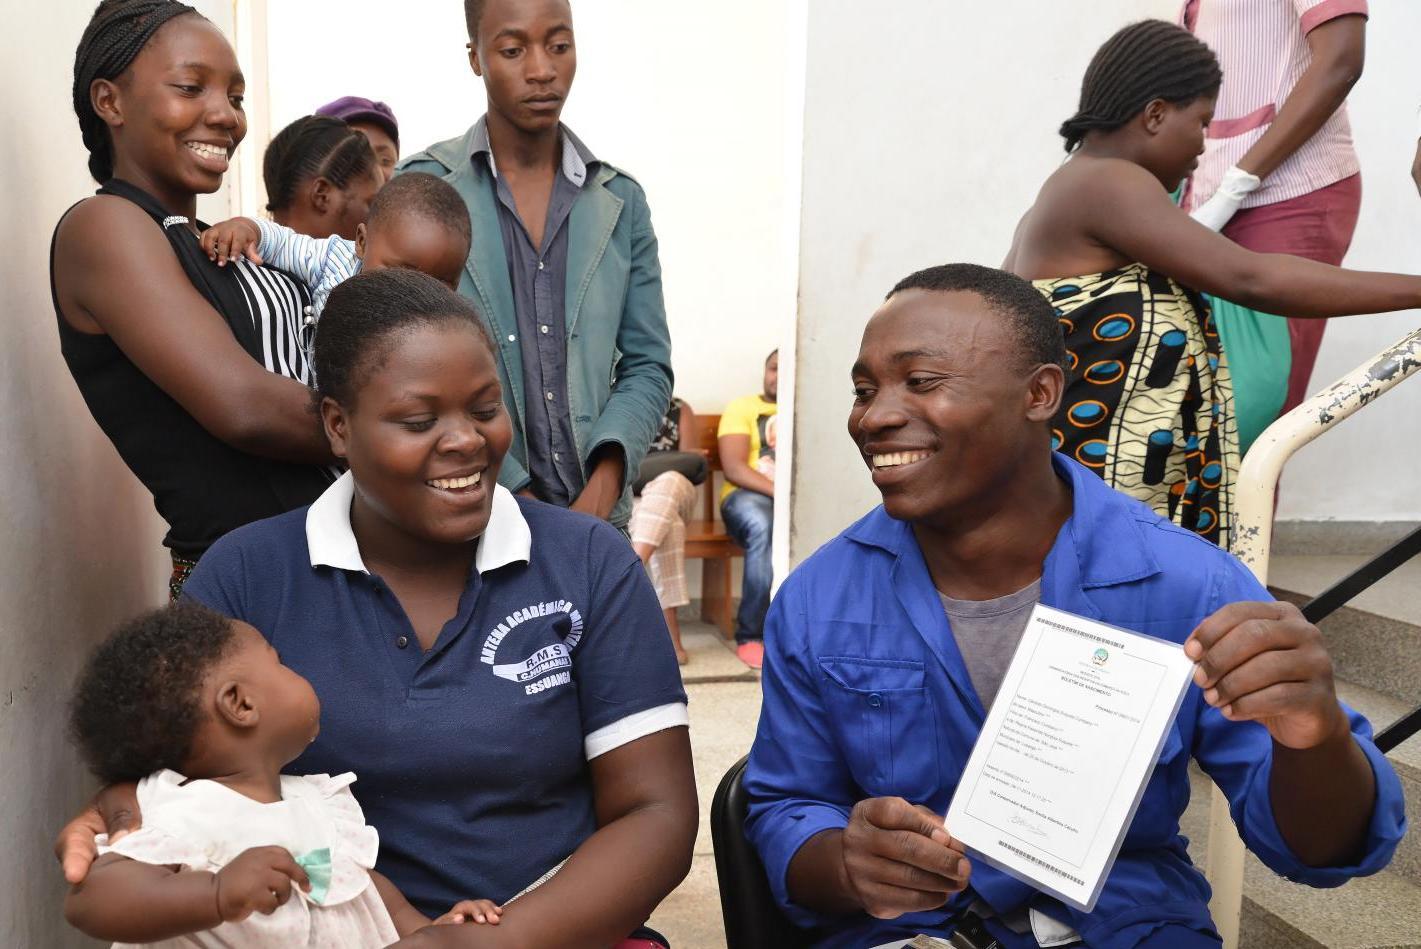 País pretende registar 26 mil crianças por dia